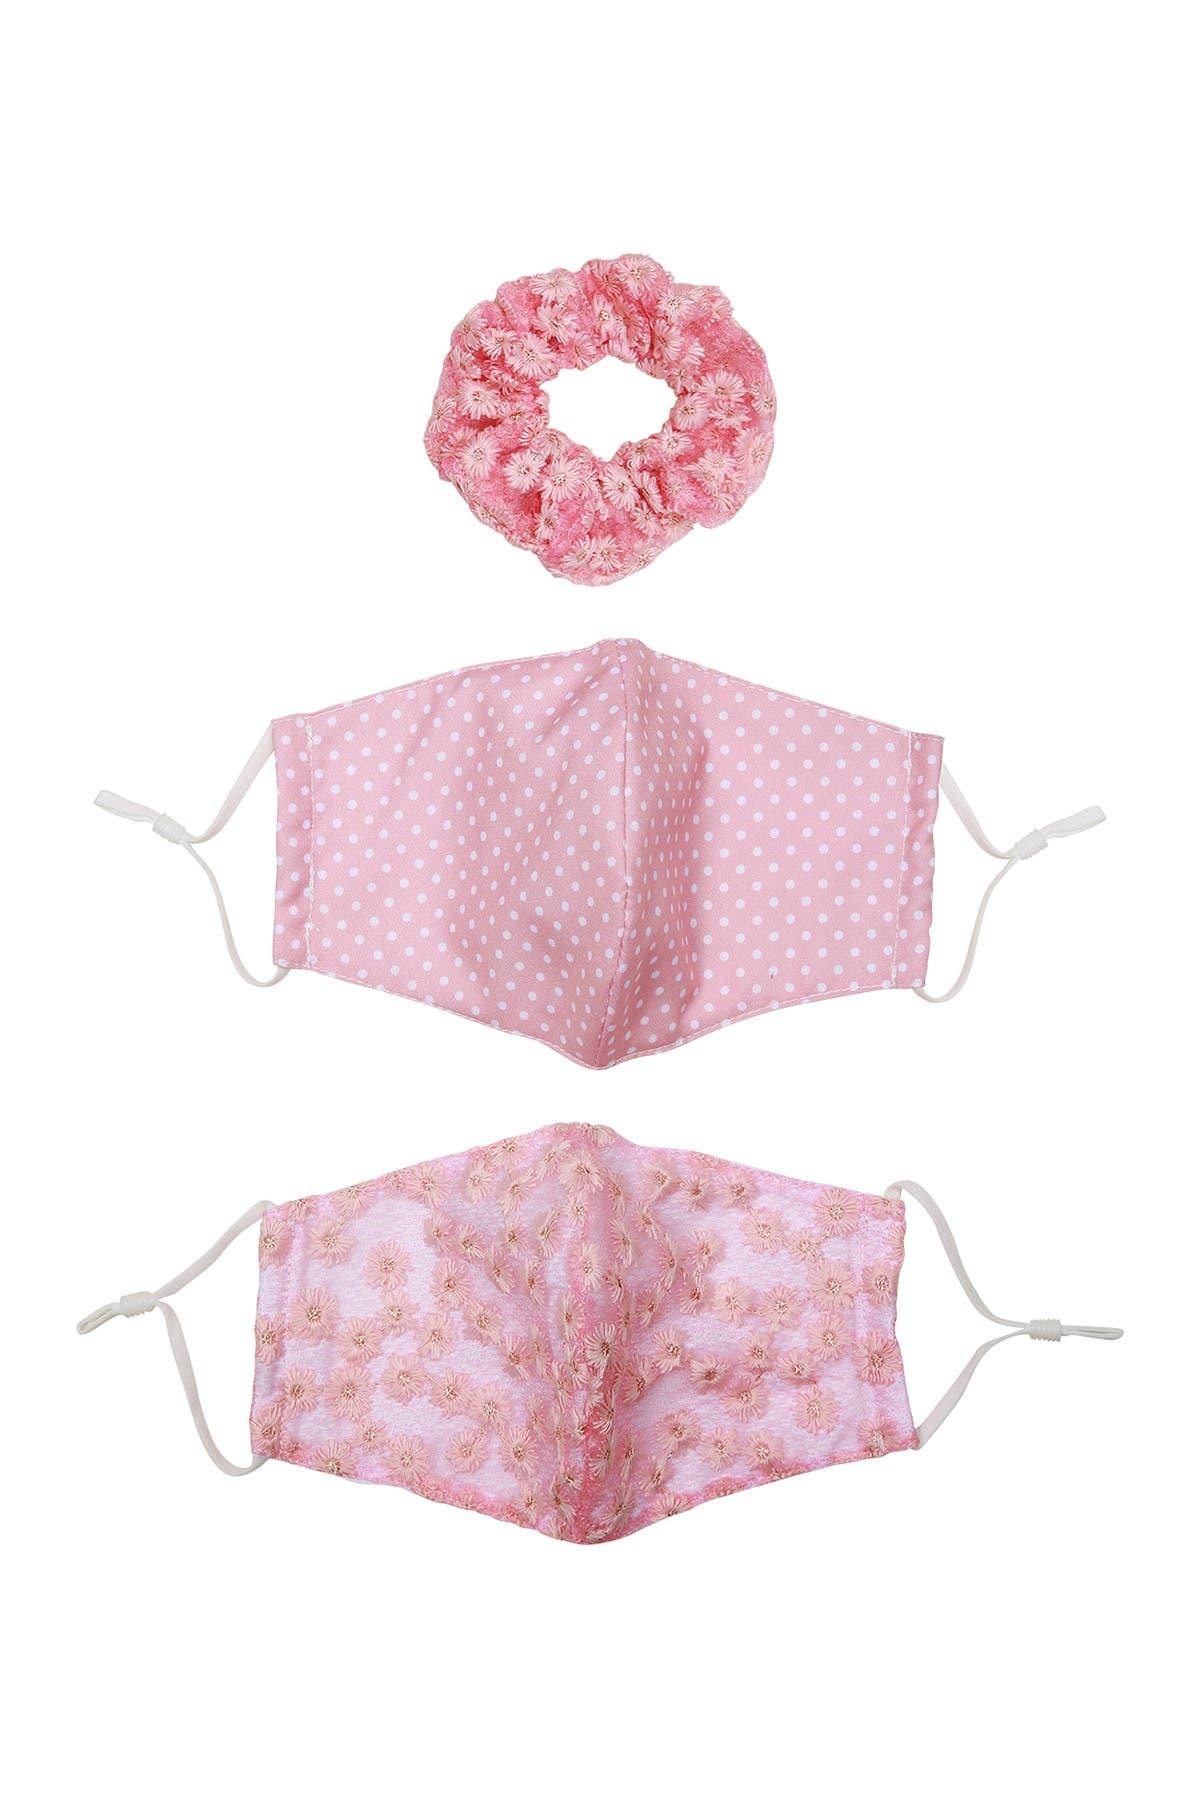 Image of Berry Floral Lace Mix Face Mask & Scrunchie Set - 3-Piece Set